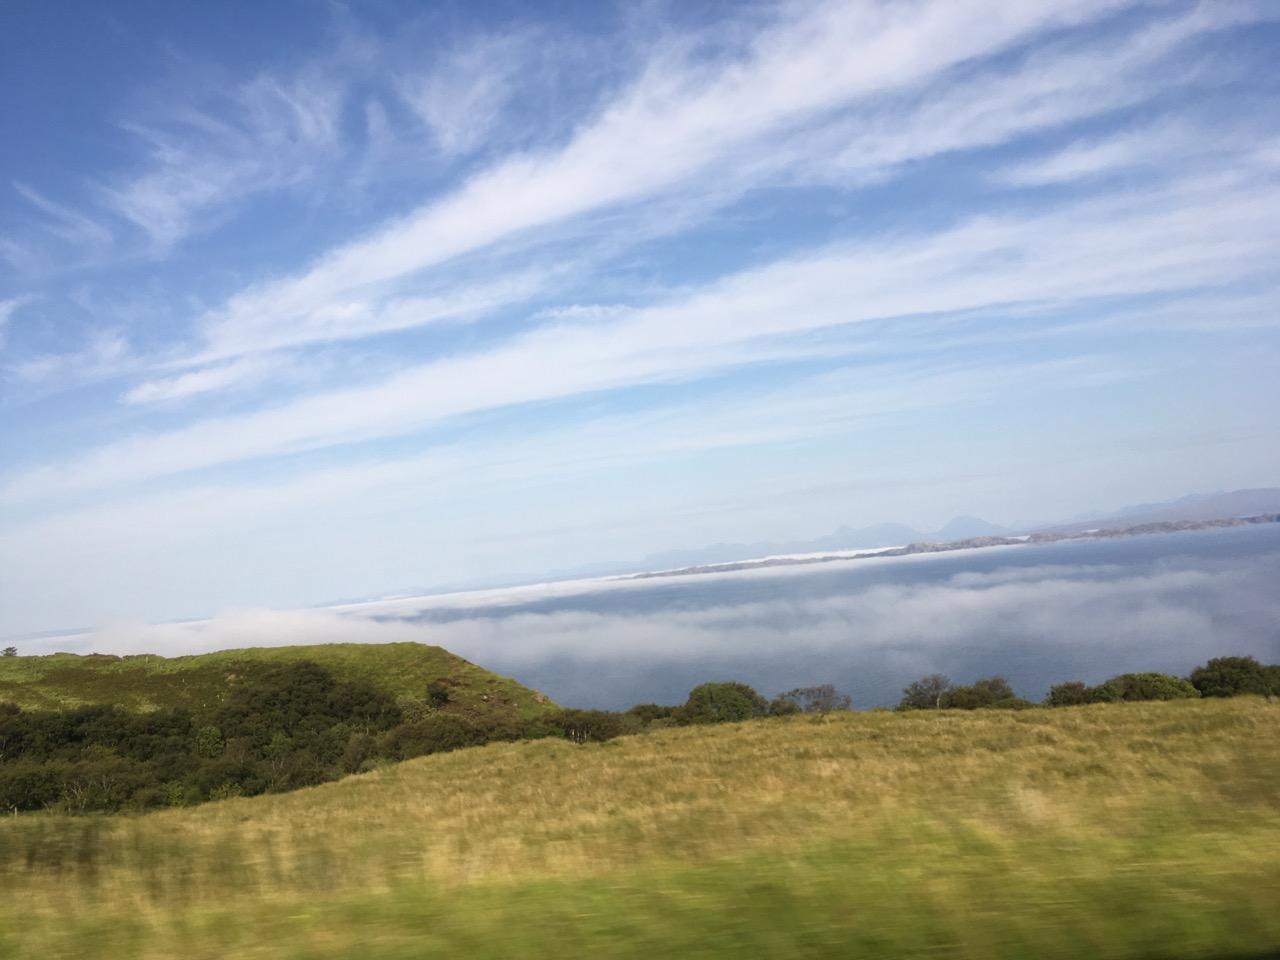 海上云雾缭绕